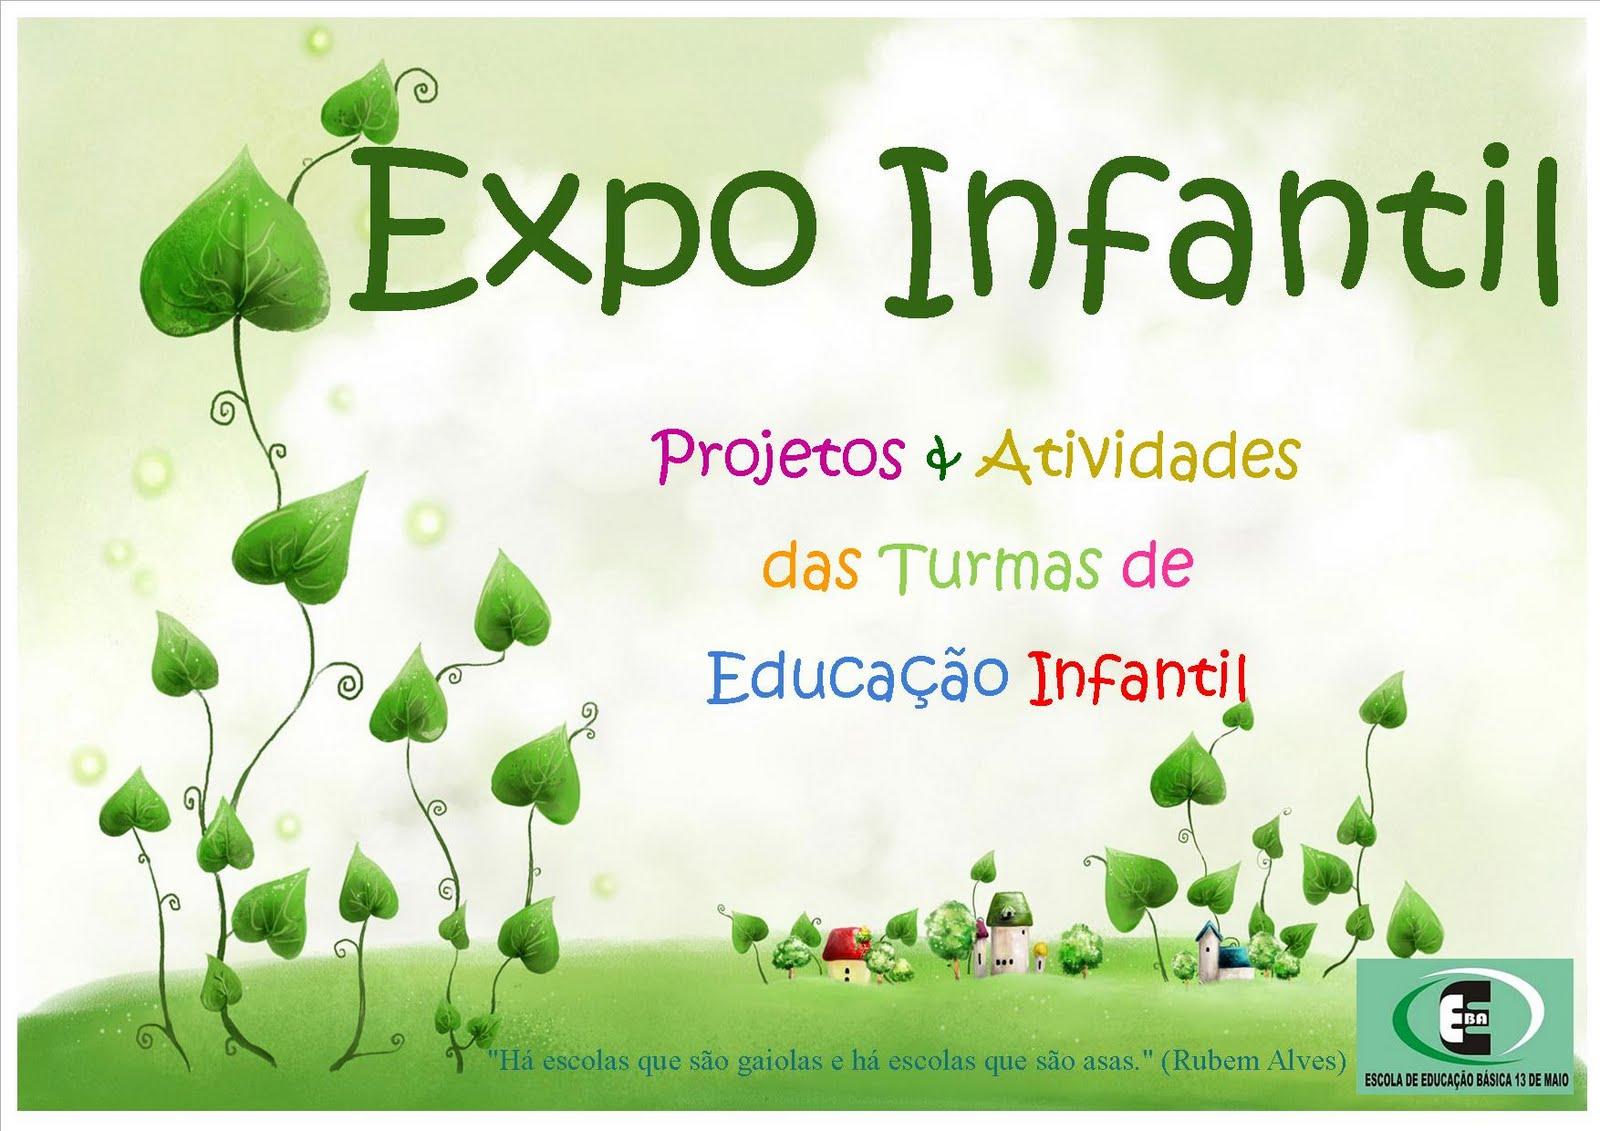 #377216 Escola de Educação Básica 13 de Maio: Setembro 2011 1600x1131 px Projeto Cozinha Na Educação Infantil_4295 Imagens